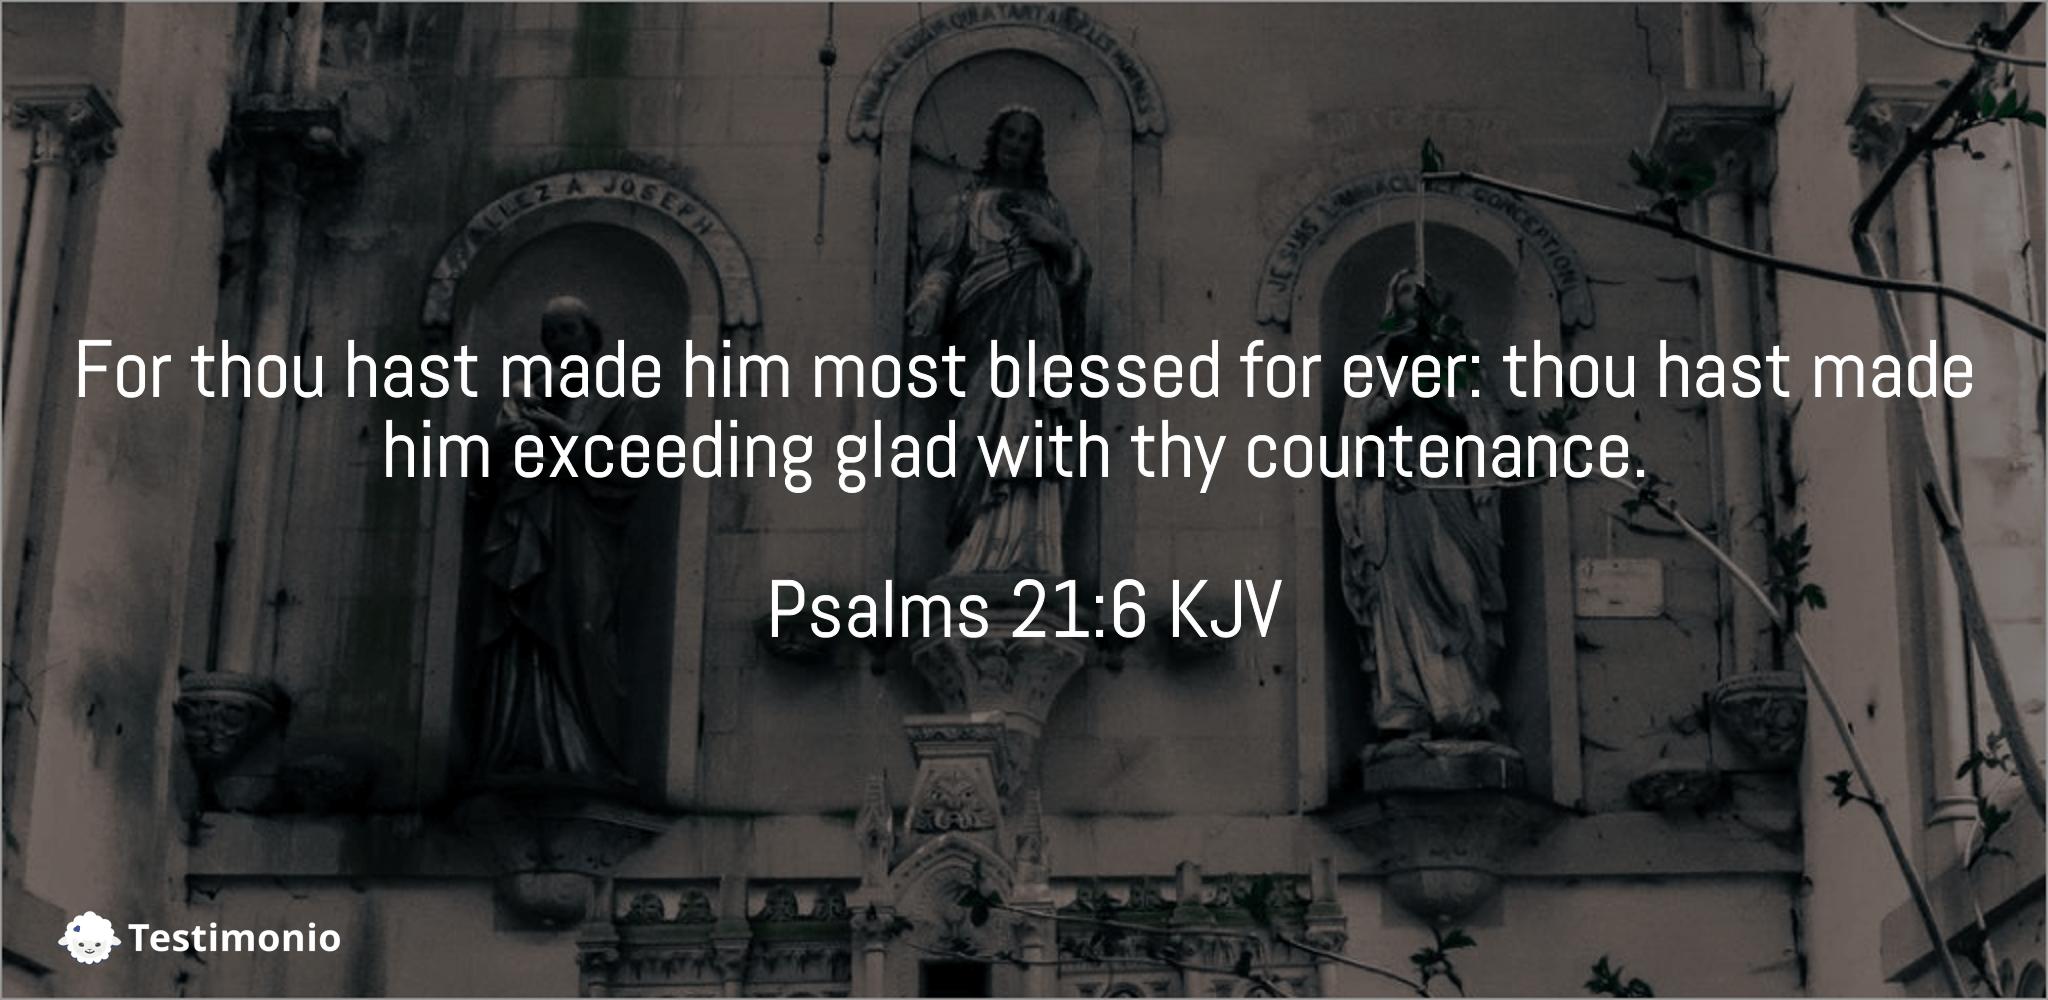 Psalms 21:6